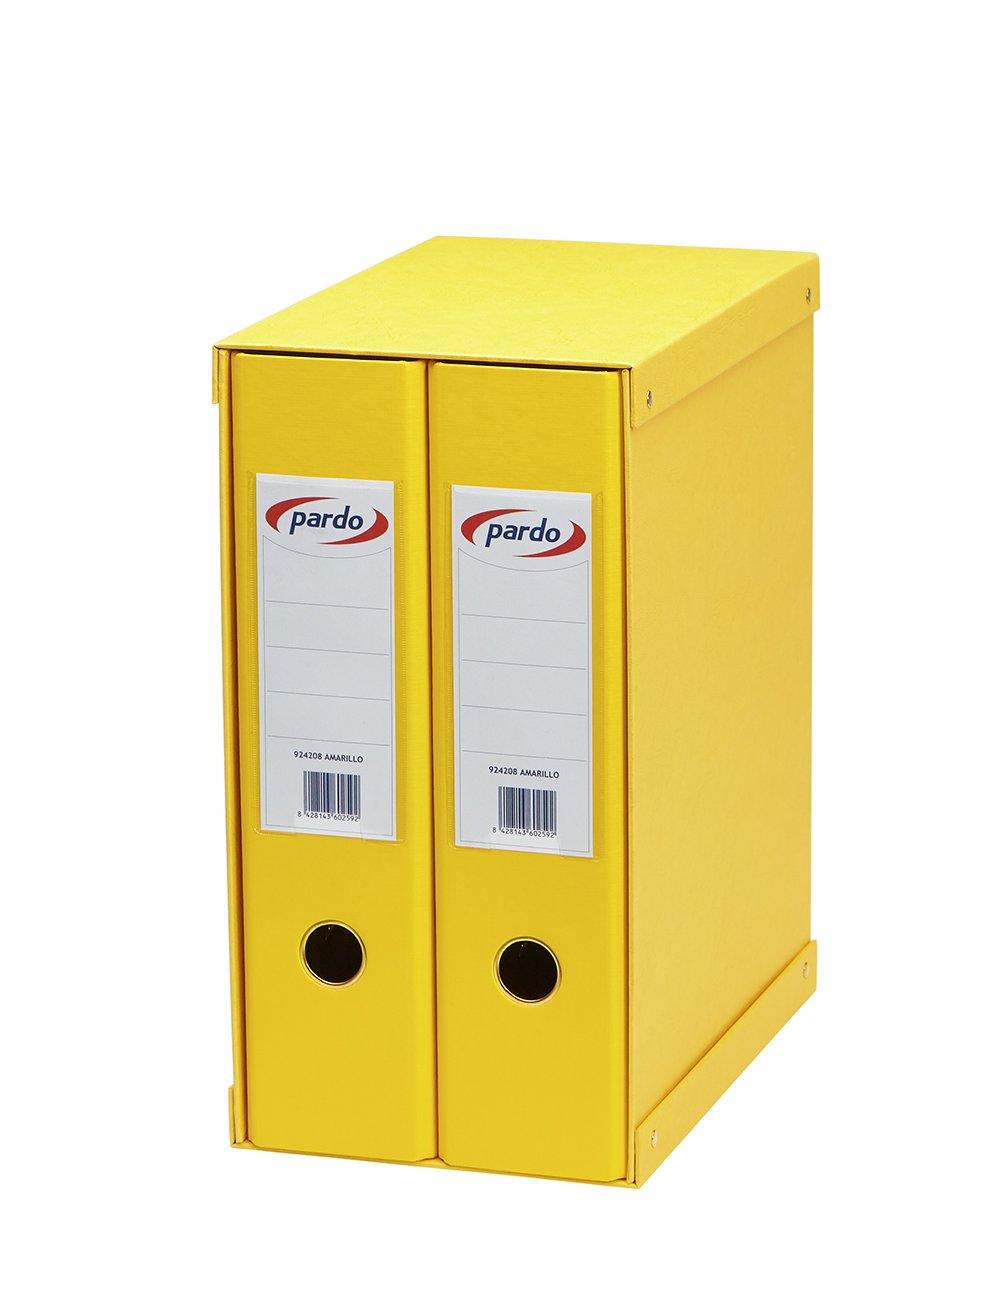 Pardo 924209 - Módulo forrado, 2 archivadores palanca, color naranja: Amazon.es: Oficina y papelería